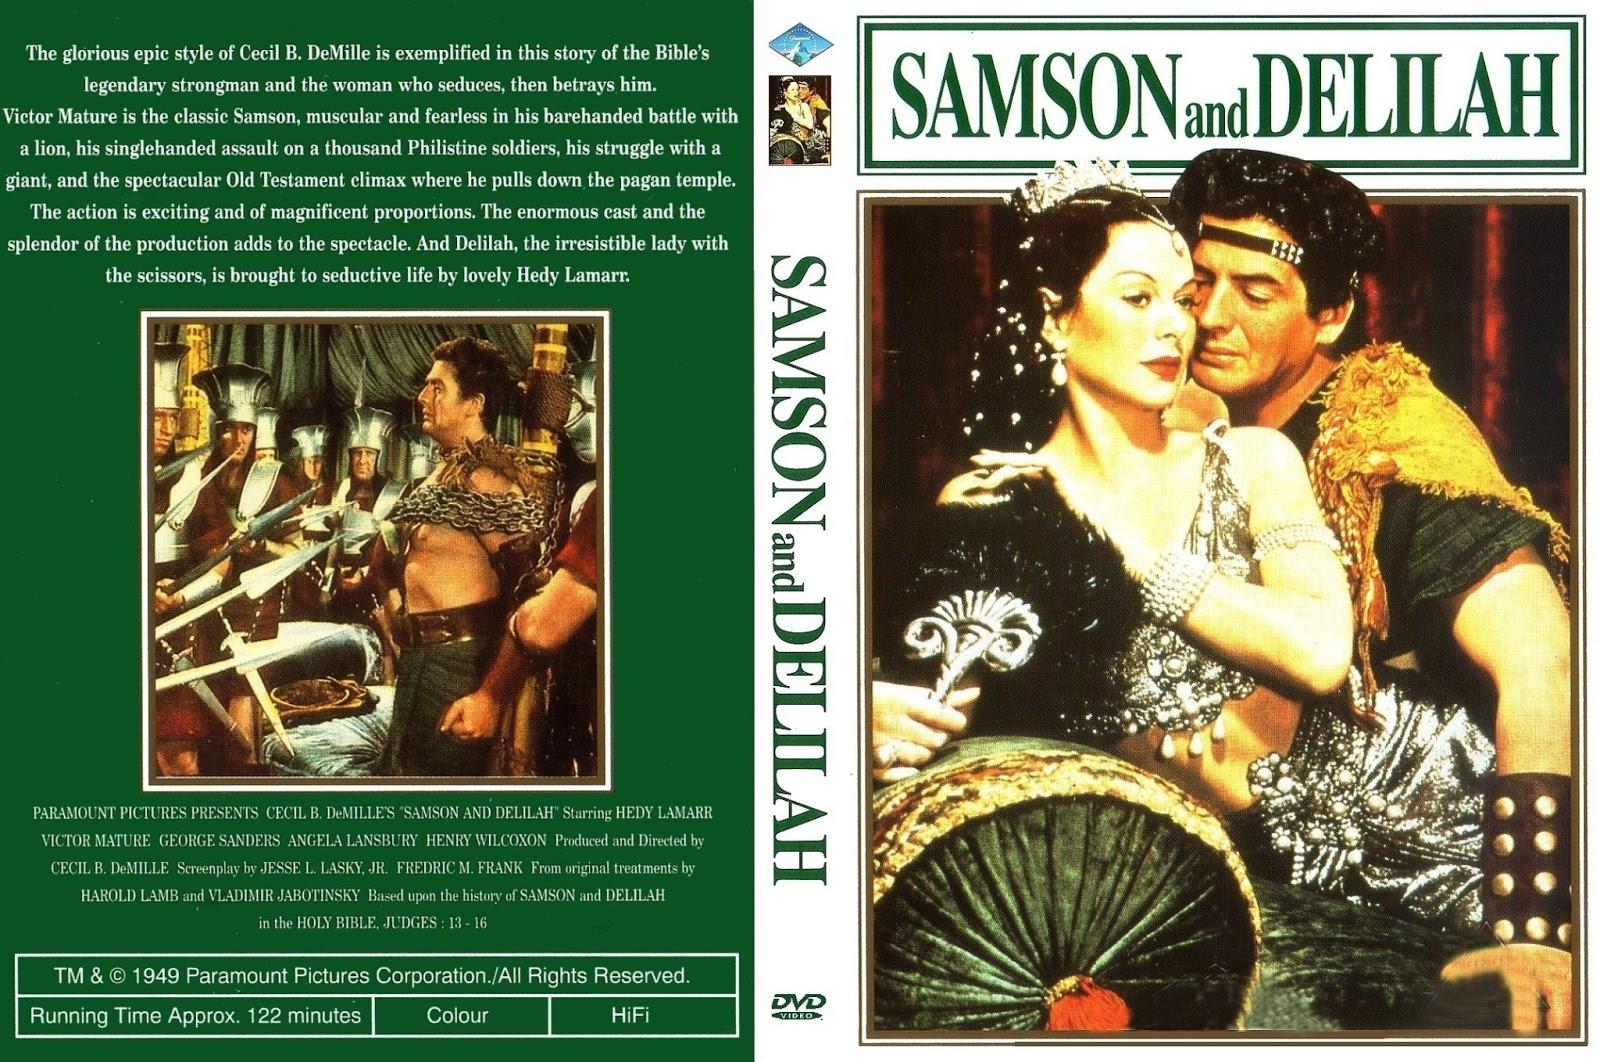 cinéma saigon samson and delilah 1949